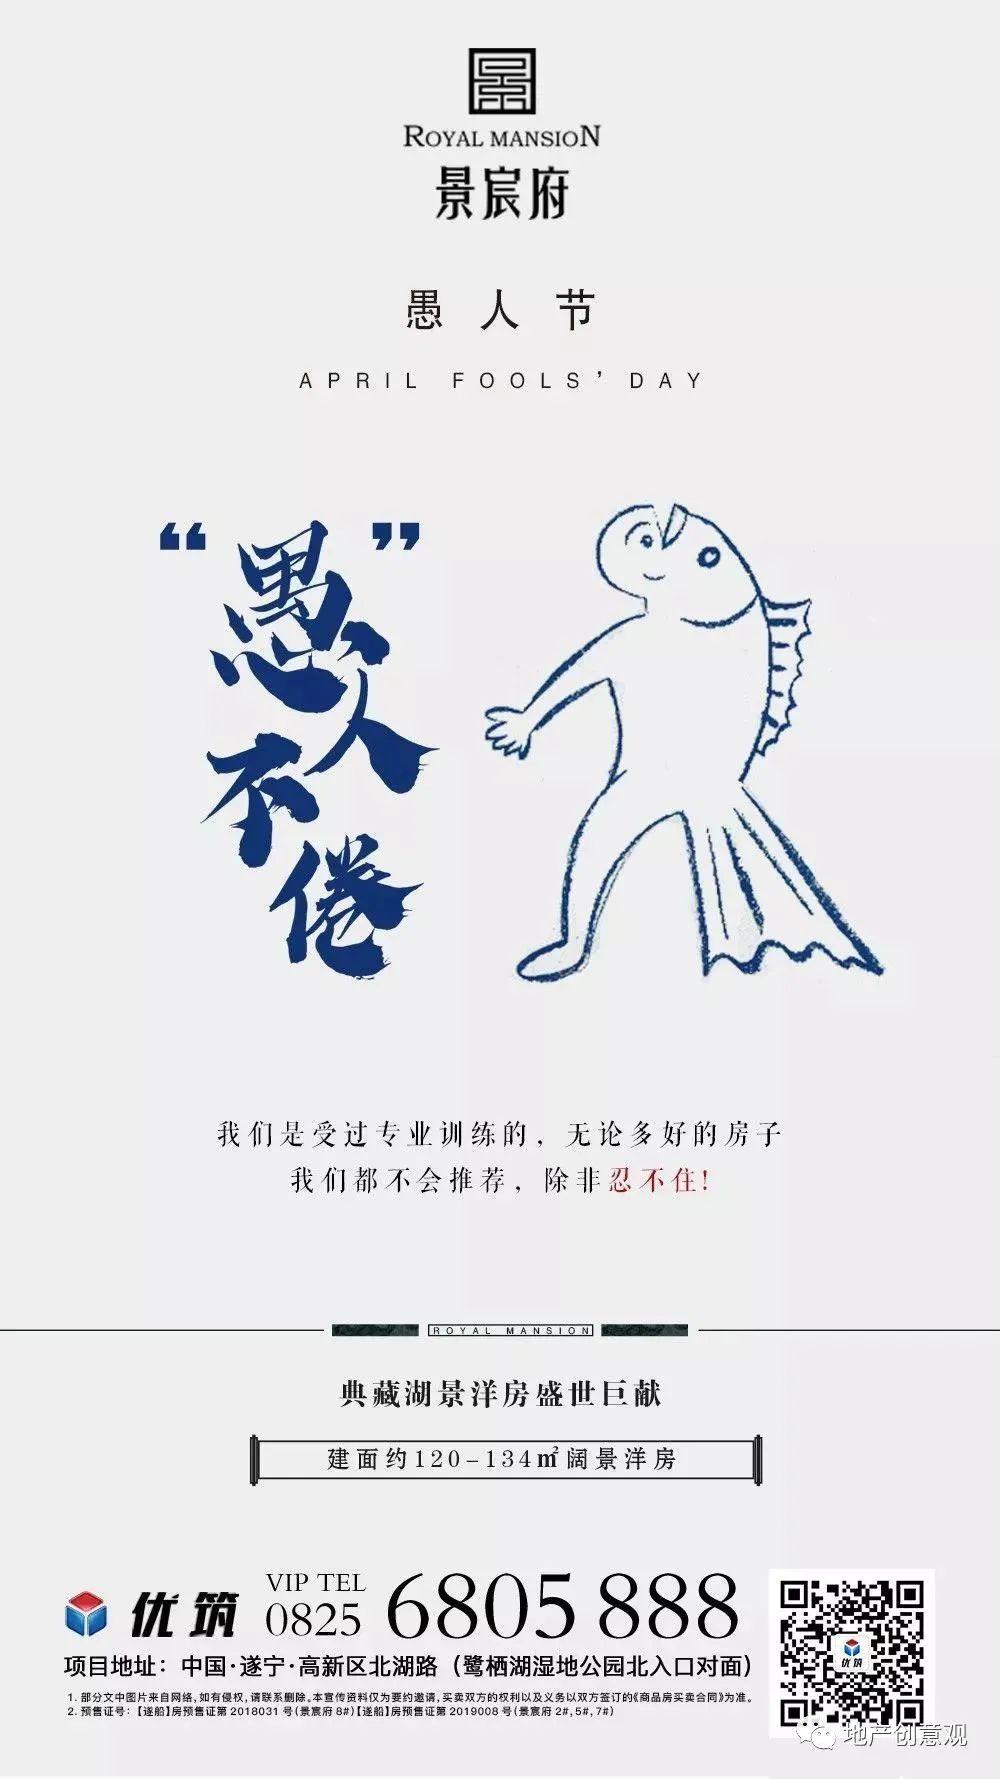 地产广告丨2021愚人节借势海报文案欣赏~插图81